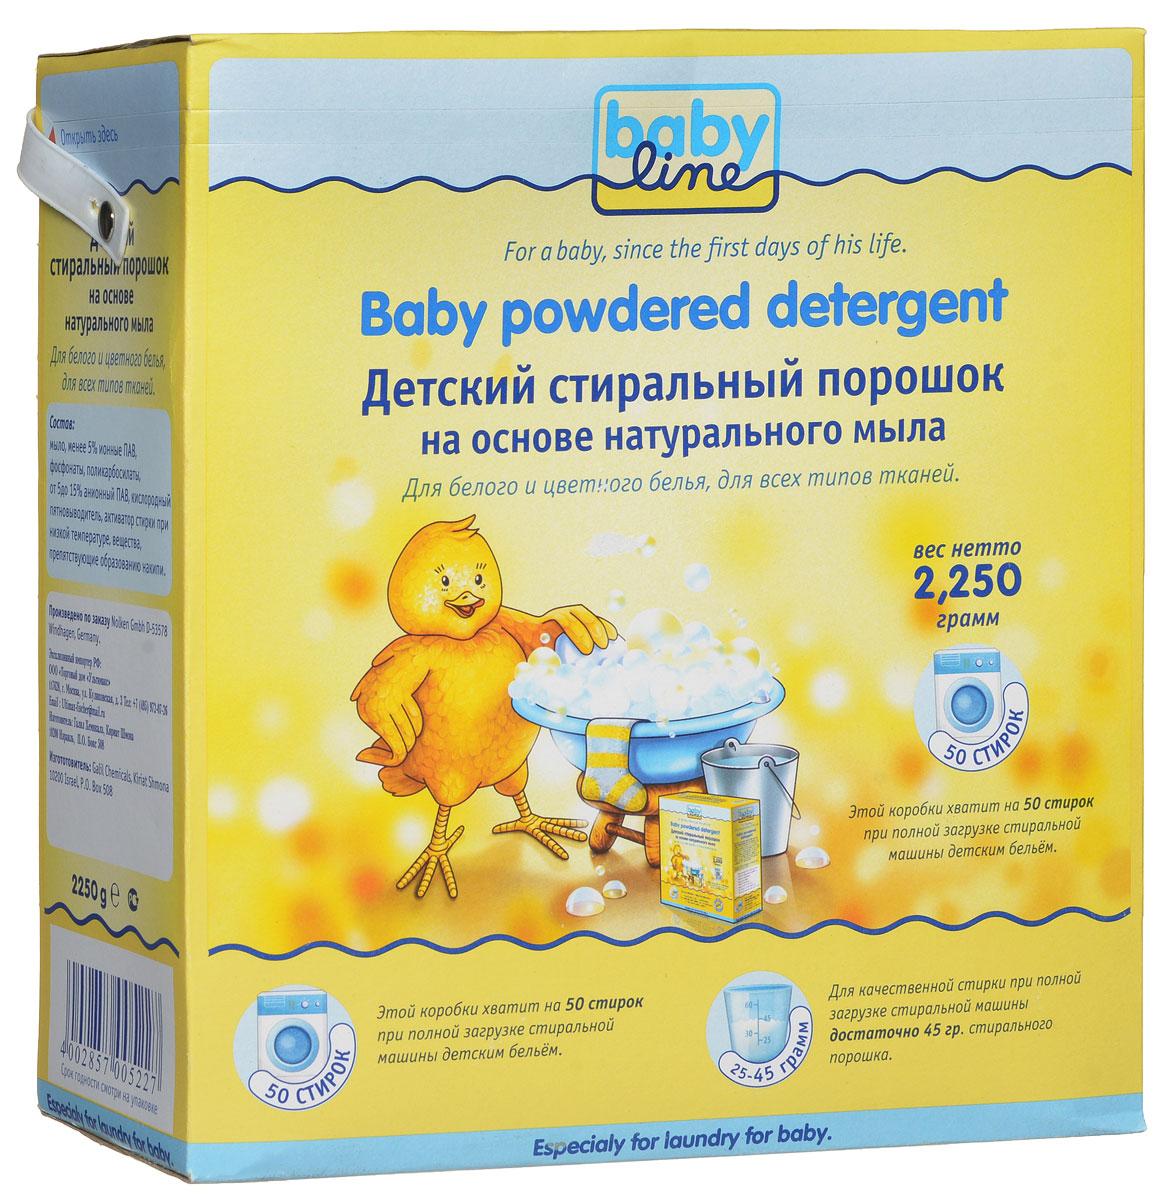 BabyLine детский стиральный порошок, 2250 гMT-81496238Детский стиральный порошок Babyline на основе натурального мыла предназначен специально для стирки детского белья с первых дней жизни ребенка. Стиральный порошок клинически протестирован и не вызывает аллергии и раздражений чувствительной детской кожи. Входящие в состав компоненты на основе натурального мыла легко справляются с специфическими загрязнениями от жизнедеятельности ребенка. Основные особенности порошка: удаляет все пятна,бережно относится к ткани,бережно относиться к цветным вещам,на содержит энзимов и хлора,предназначен для всех типов ткани,защищает стиральную машину от накипи.Состав:мыло, менее 5% ионные ПАВ, фосфонаты, поликарбоксилаты, от 5% до 15% анионные ПАВ, кислородный пятновыводитель, активатор стирки при низкой температуре, вещества, препятствующие образованию накипи.Товар сертифицирован.